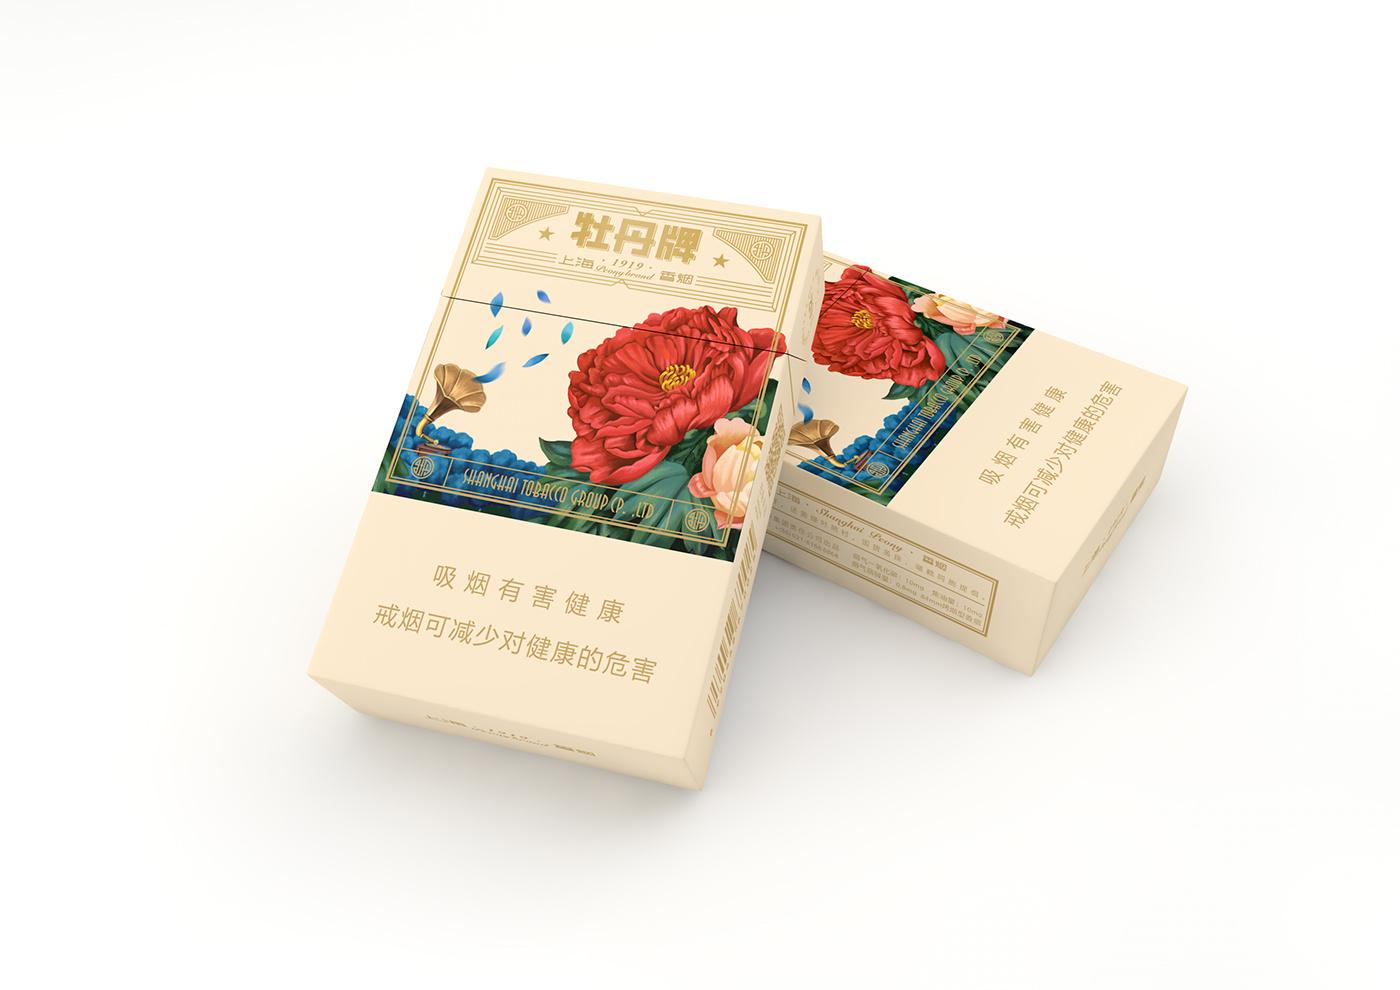 牡丹香烟包装设计